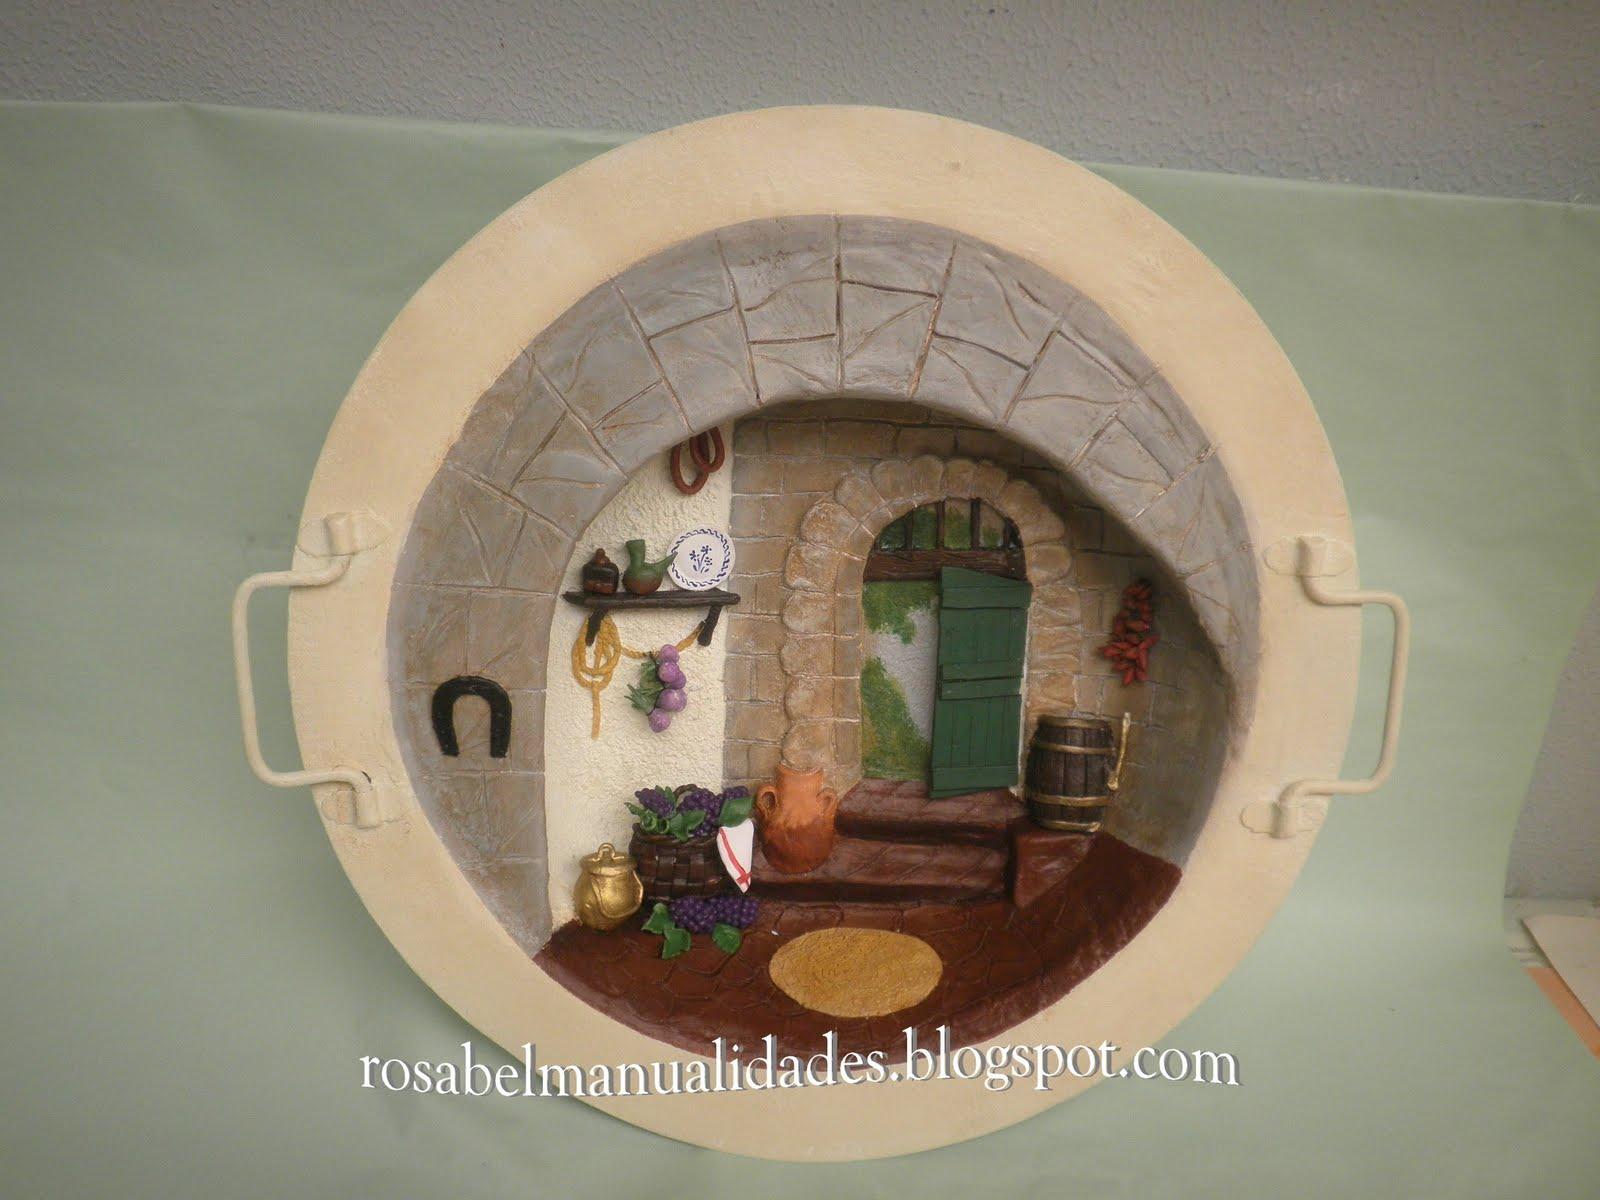 Rosabel manualidades brasero antiguo decorado - Rosabel manualidades ...